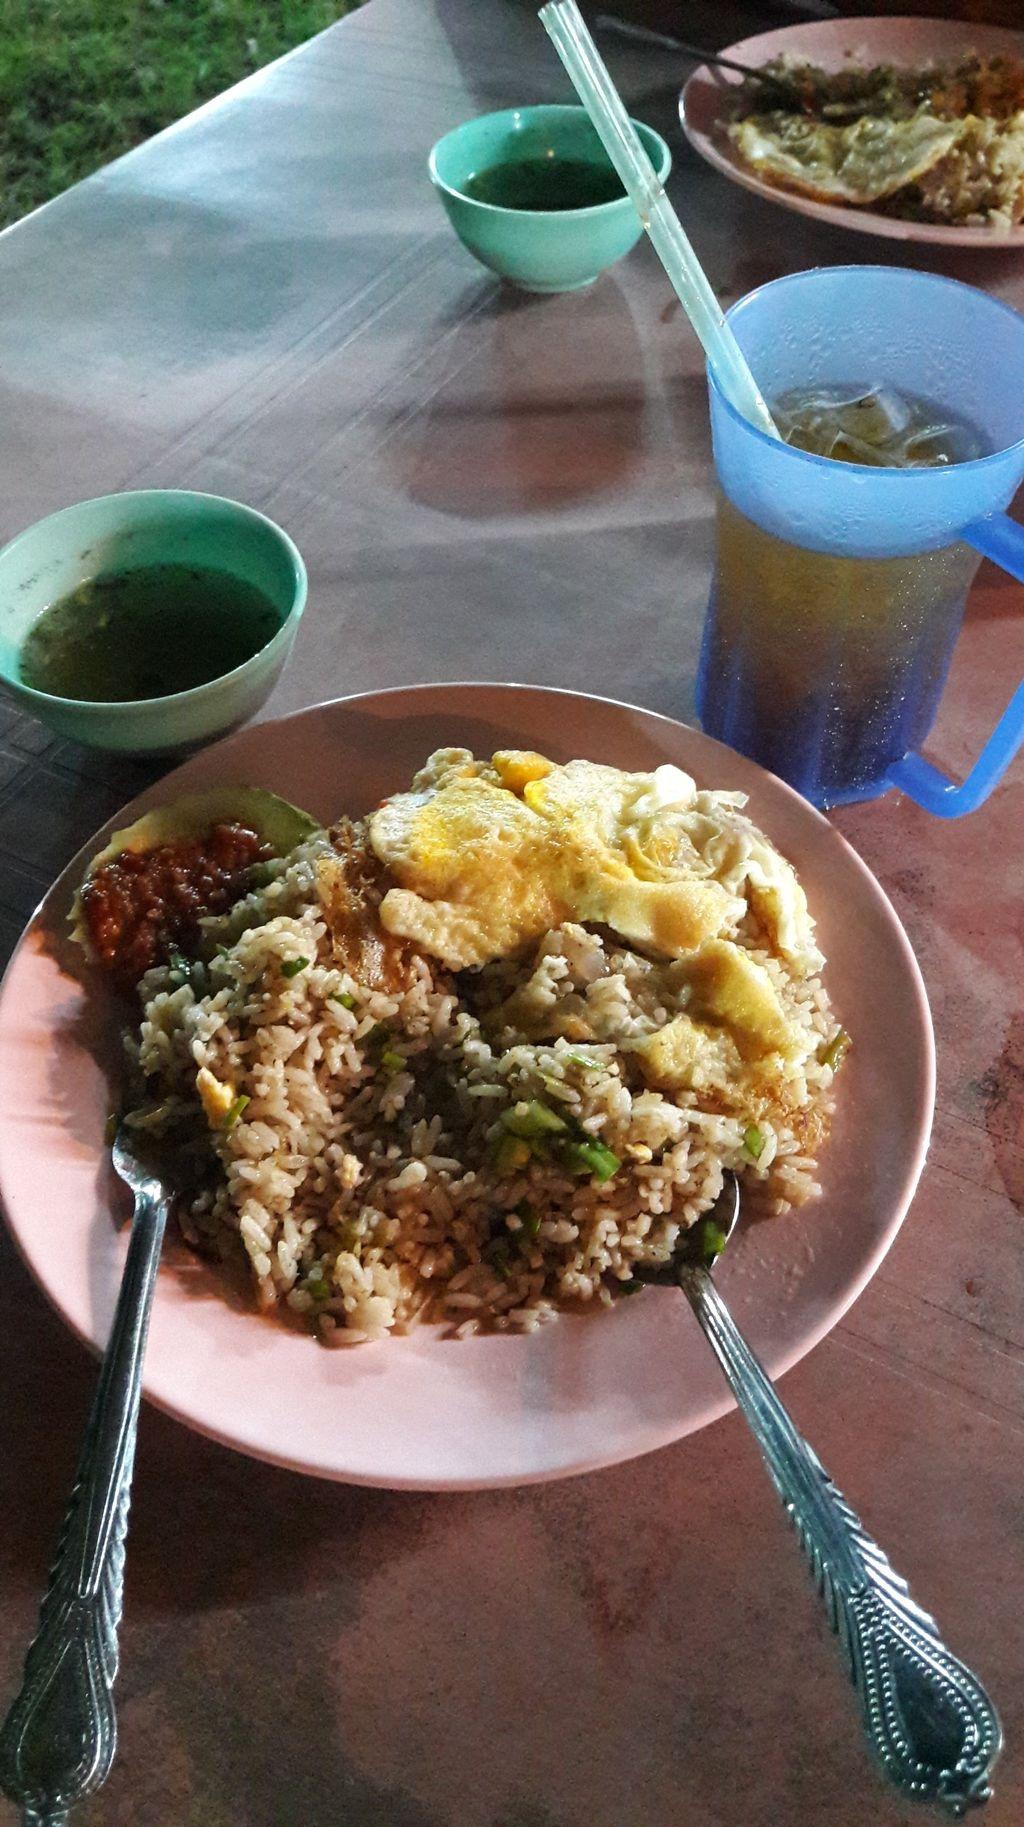 Bukan Pamer Kekayaan, Kini Netizen Pamer Bisa 'dine in' di Restoran